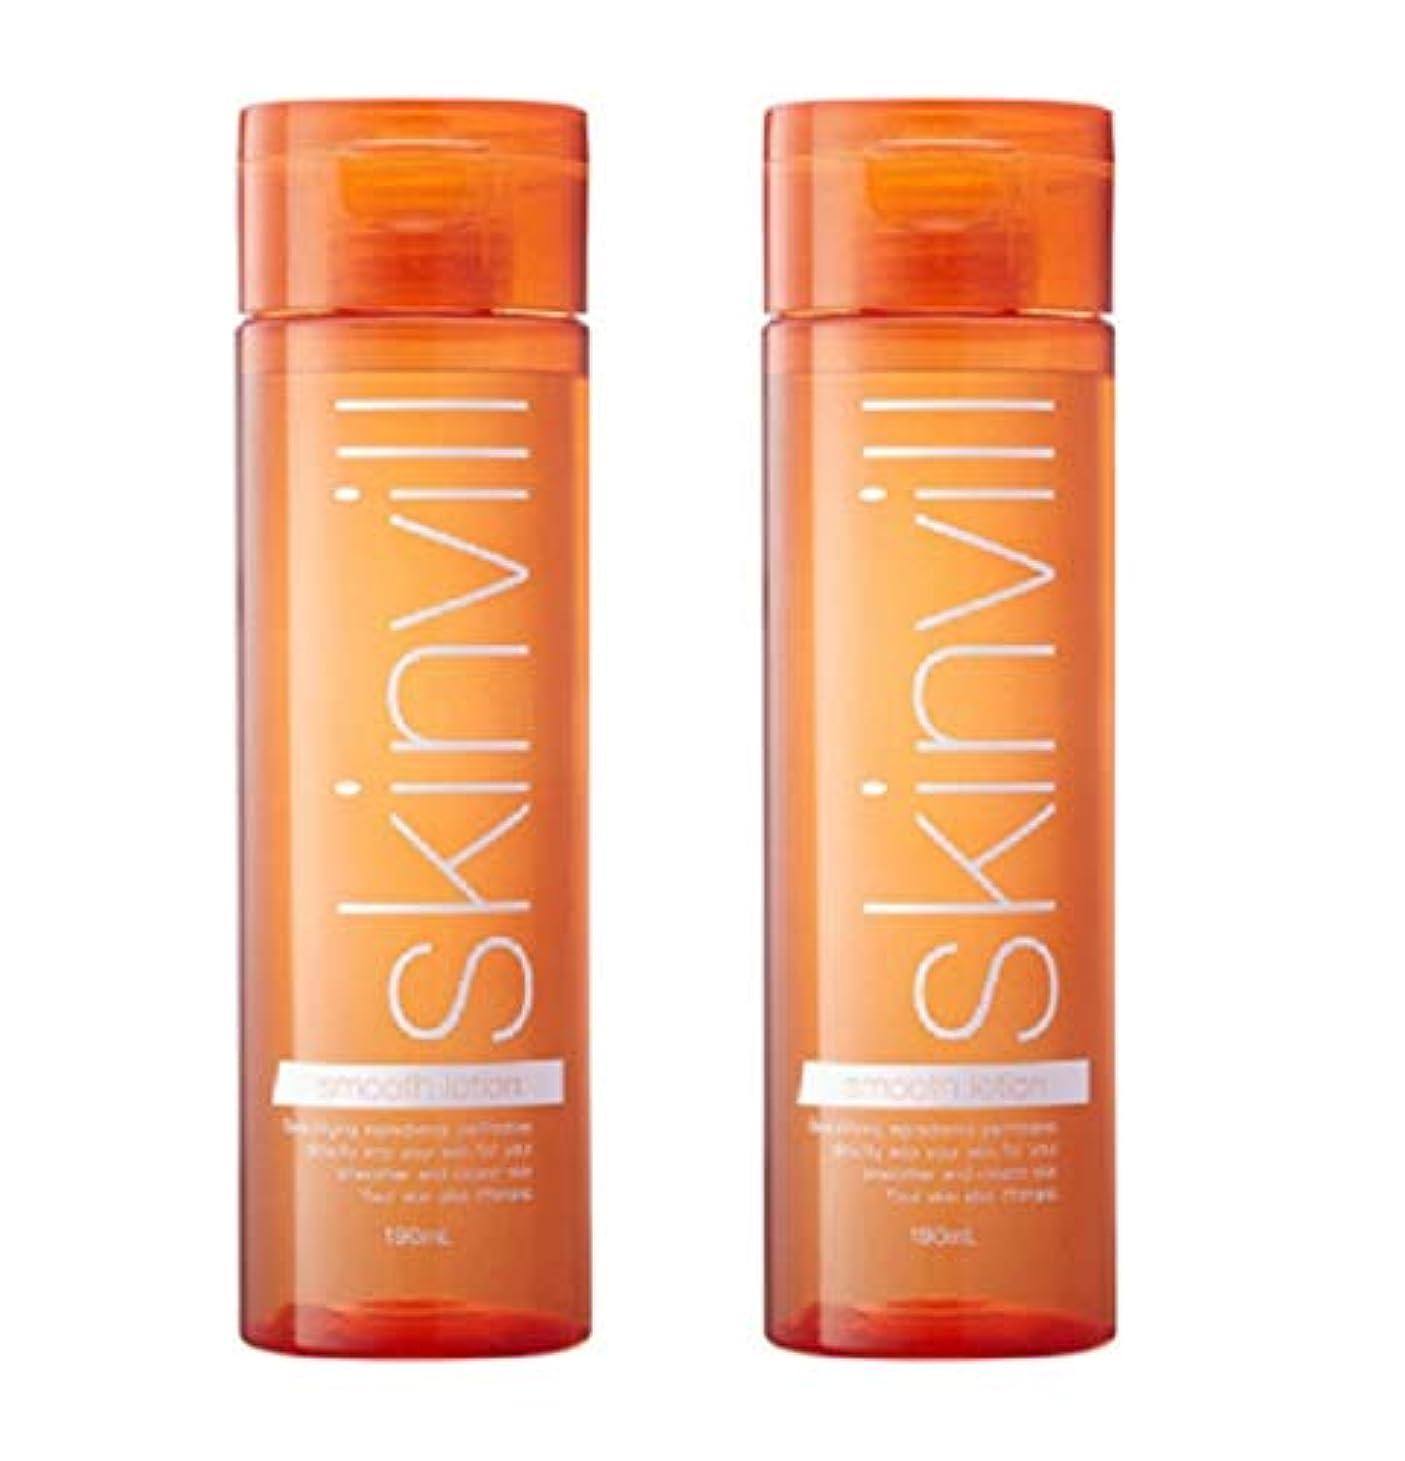 補正頭痛追放skinvill スキンビル スムースローション 化粧水 190ml 2本セット